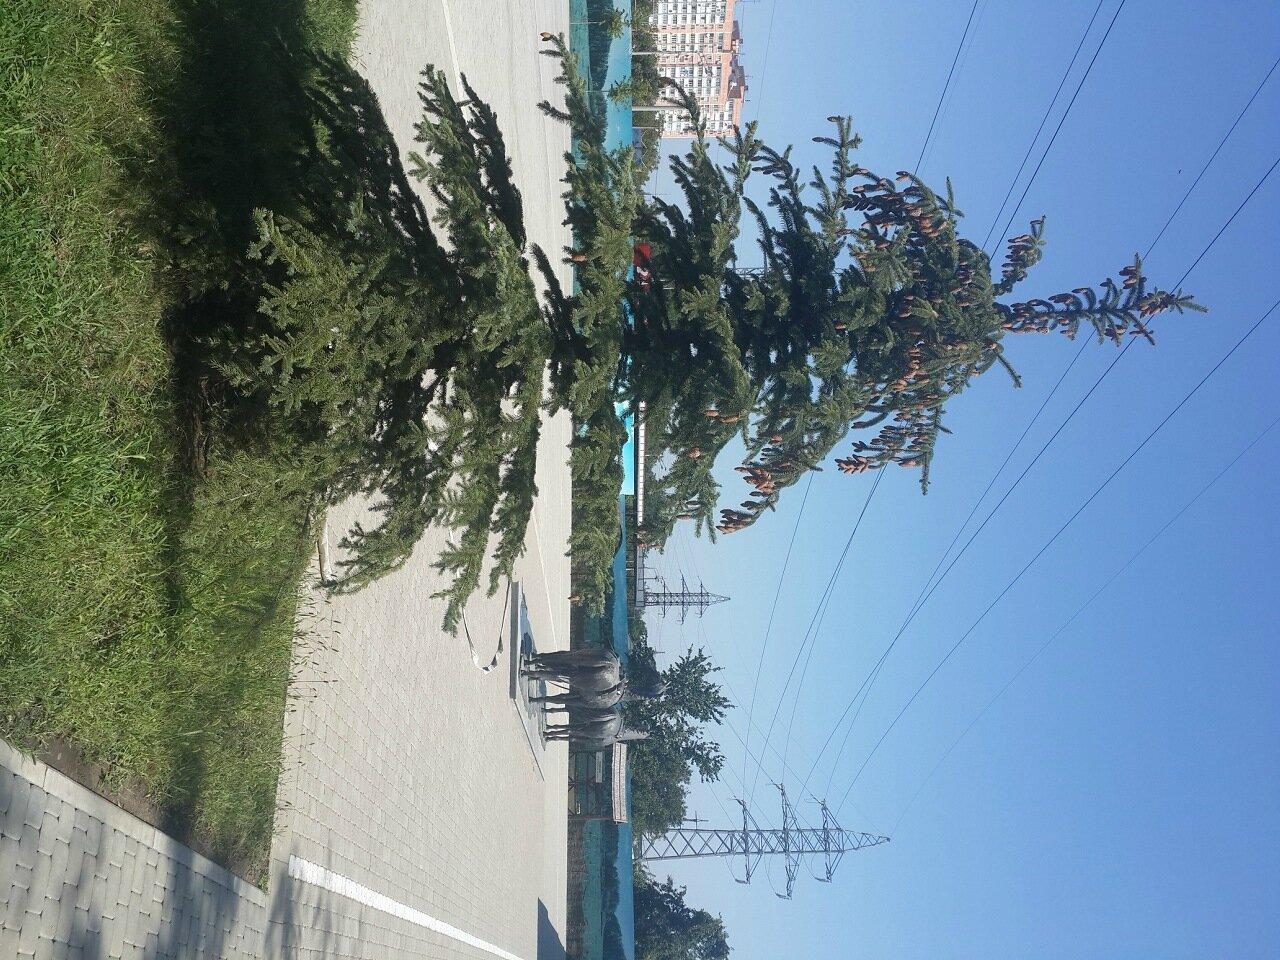 Пешие и велопрогулки по Краснодару - ищу компаньонов - Страница 6 0_828ab_360dea74_XXXL